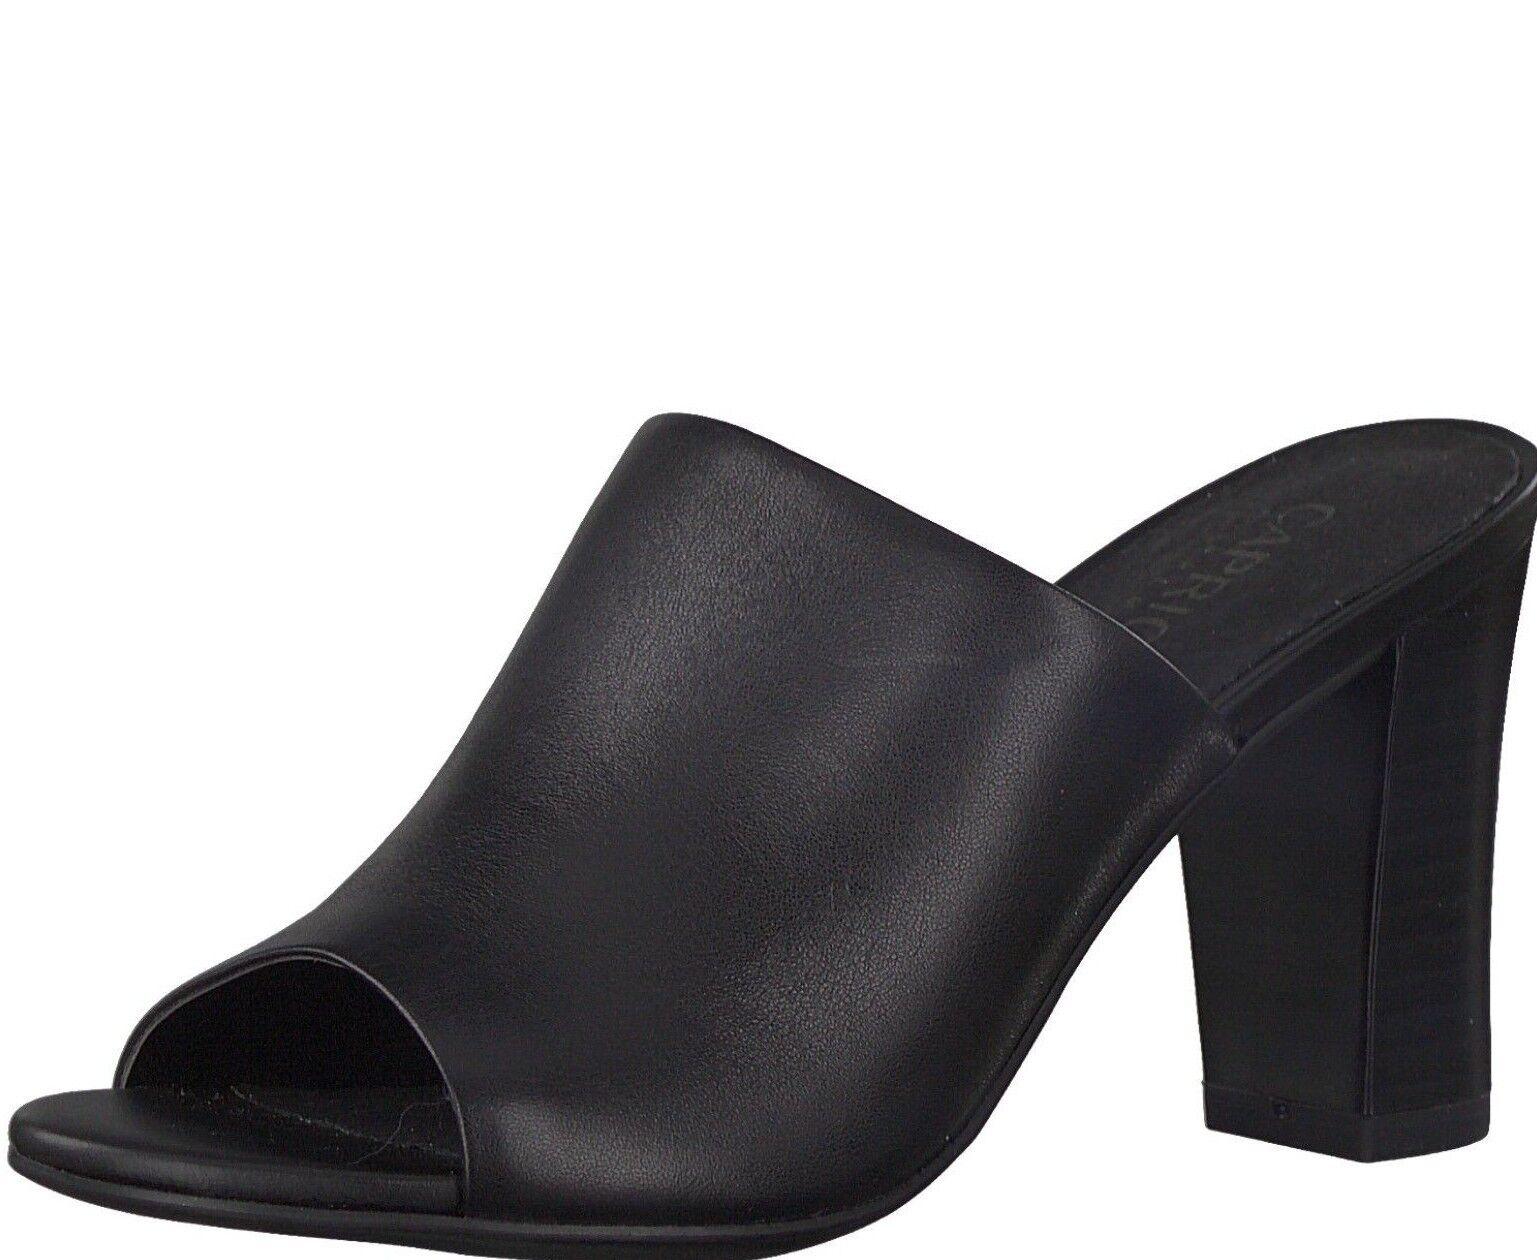 Caprice Absatz Schuhe 37 schwarz Größe 37 Schuhe 38 40  27213-30 Echtes Leder Damen ae28b3